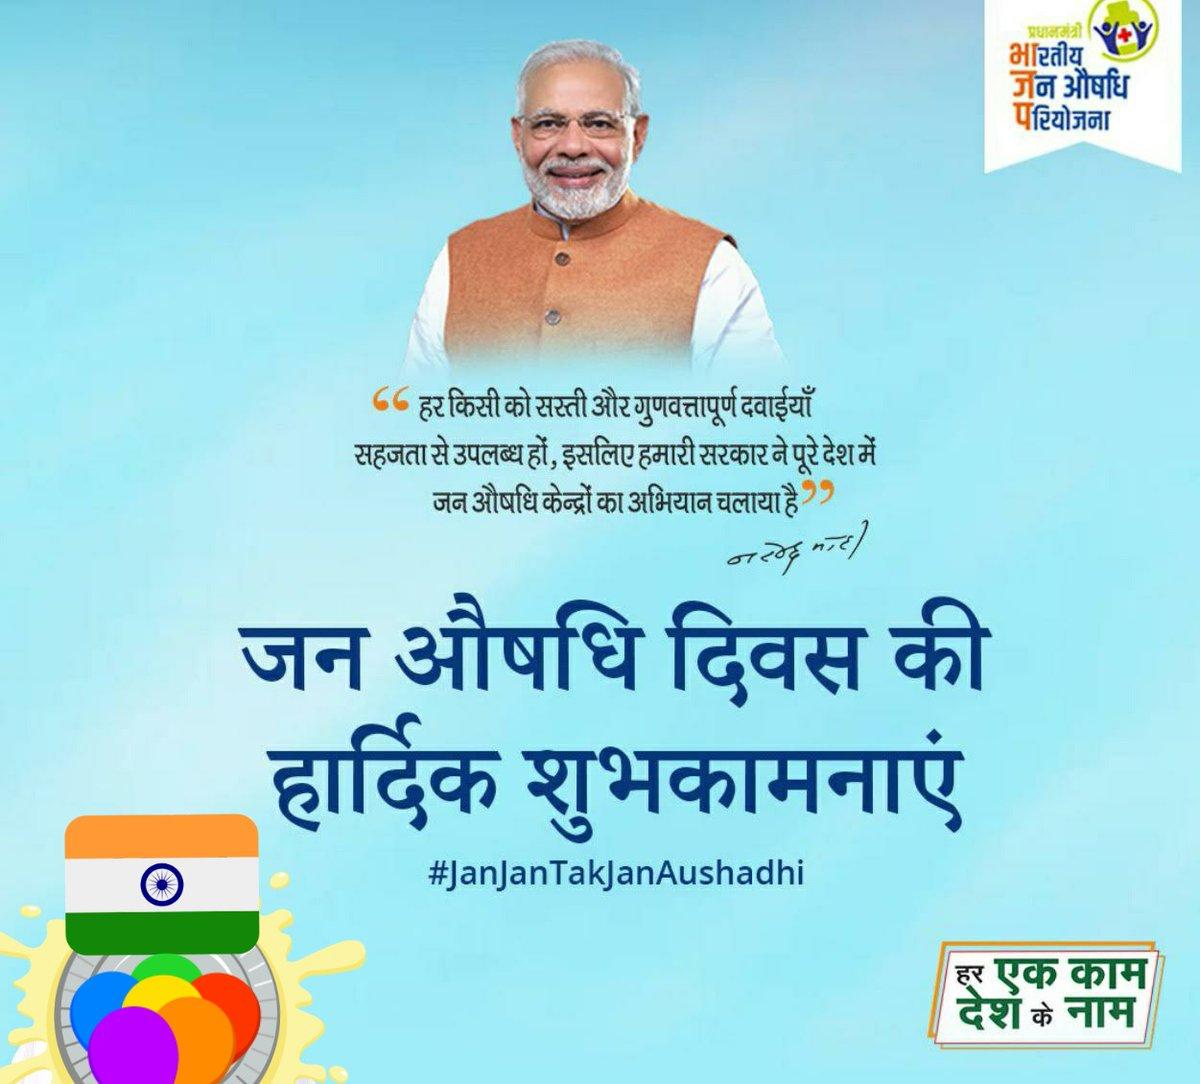 जन औषधि दिवस (7 मार्च) के अवसर पर #प्रधानमंत्री_जन_औषधि_योजना के लाभार्थियों एवं समस्त देश व प्रदेशवासियों को हार्दिक बधाई व शुभकामनाएं। आज मा०प्रधानमंत्री श्री @narendramodi जी के नेतृत्व में गरीब से गरीब को सस्ता और प्रभावी इलाज देने के लिए यह योजना सफलतापूर्वक काम कर रही हैं।